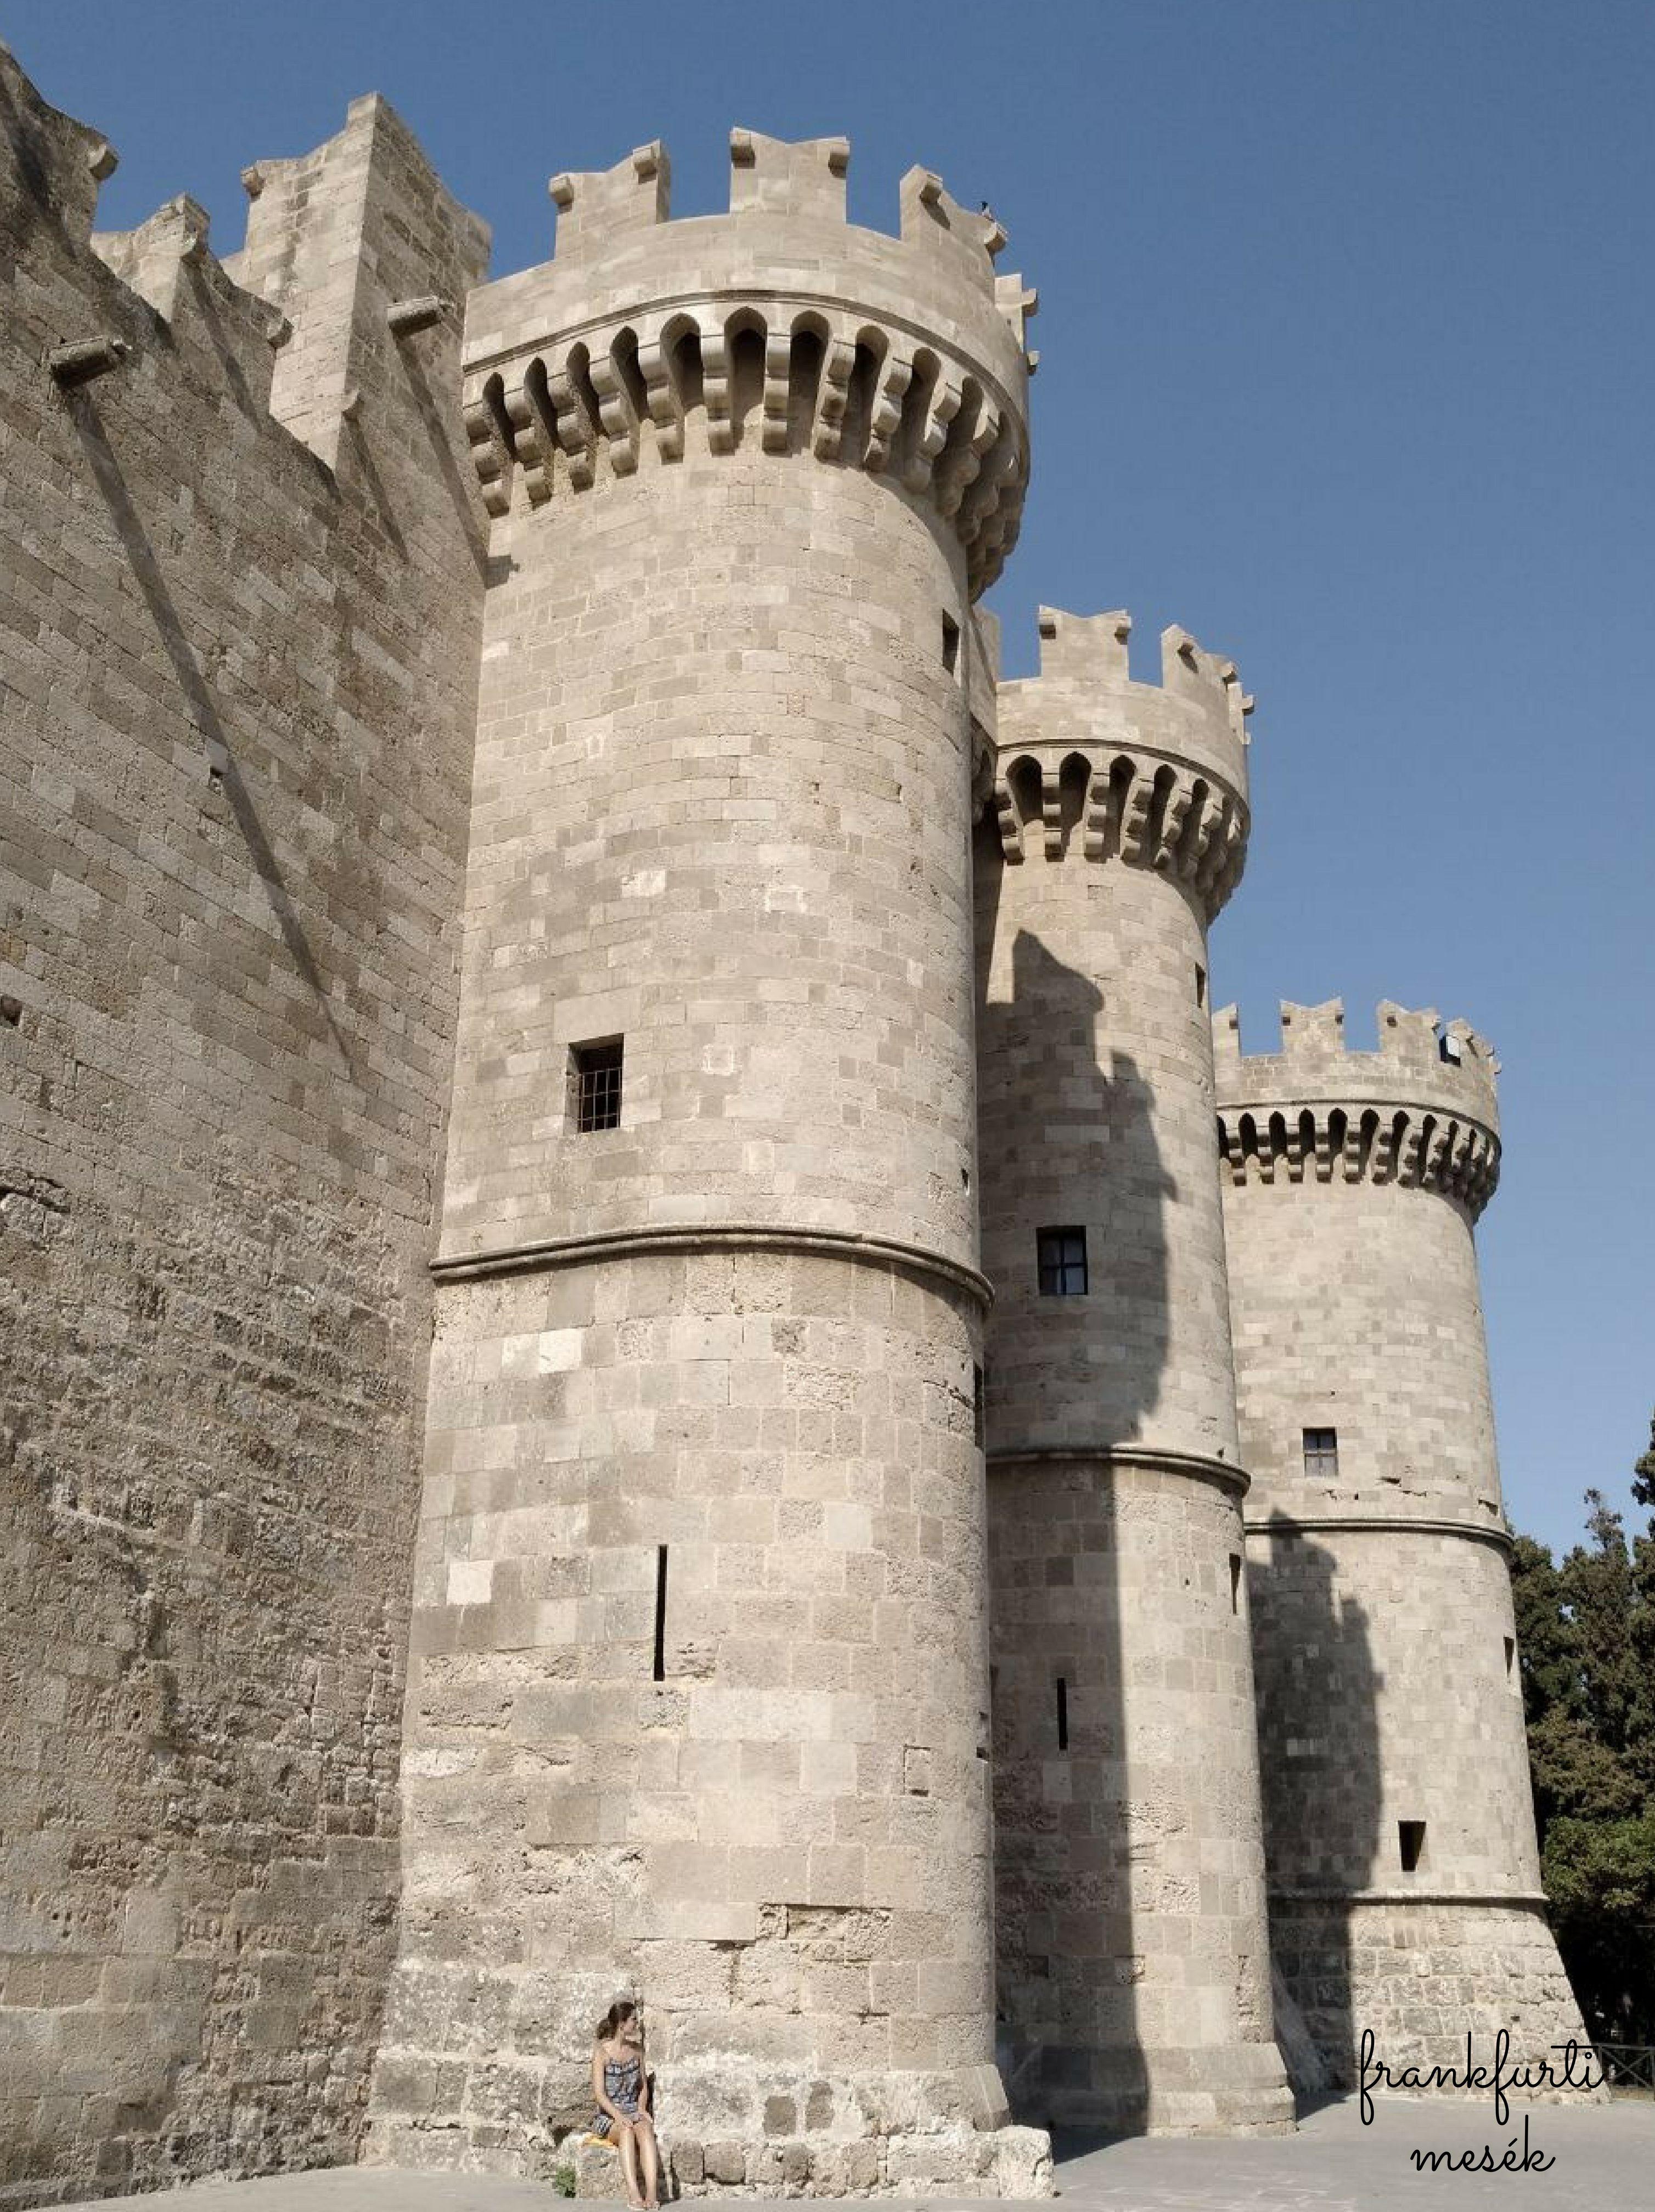 Nagymester Palota, Rodosz. (Grand Master Palace) A torony tövében én ülök, látszik milyen hatalmas a palota.